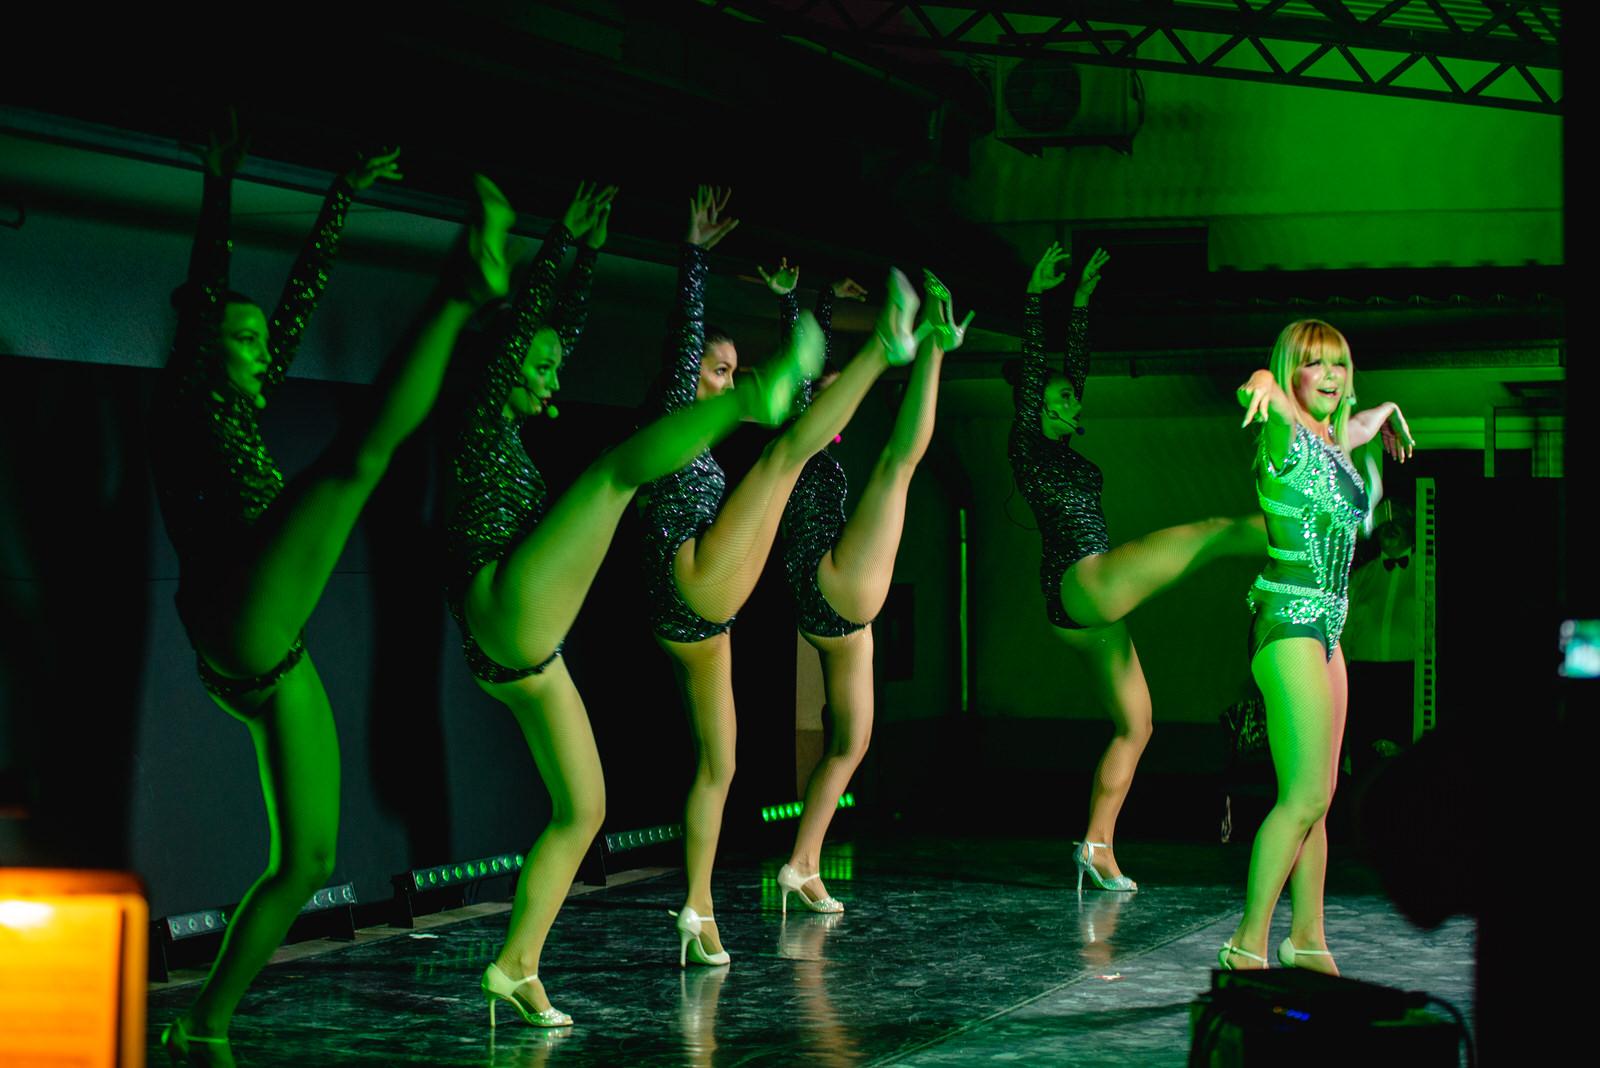 likaclub_gug_mila show i gosti_27_7_2020 (19)